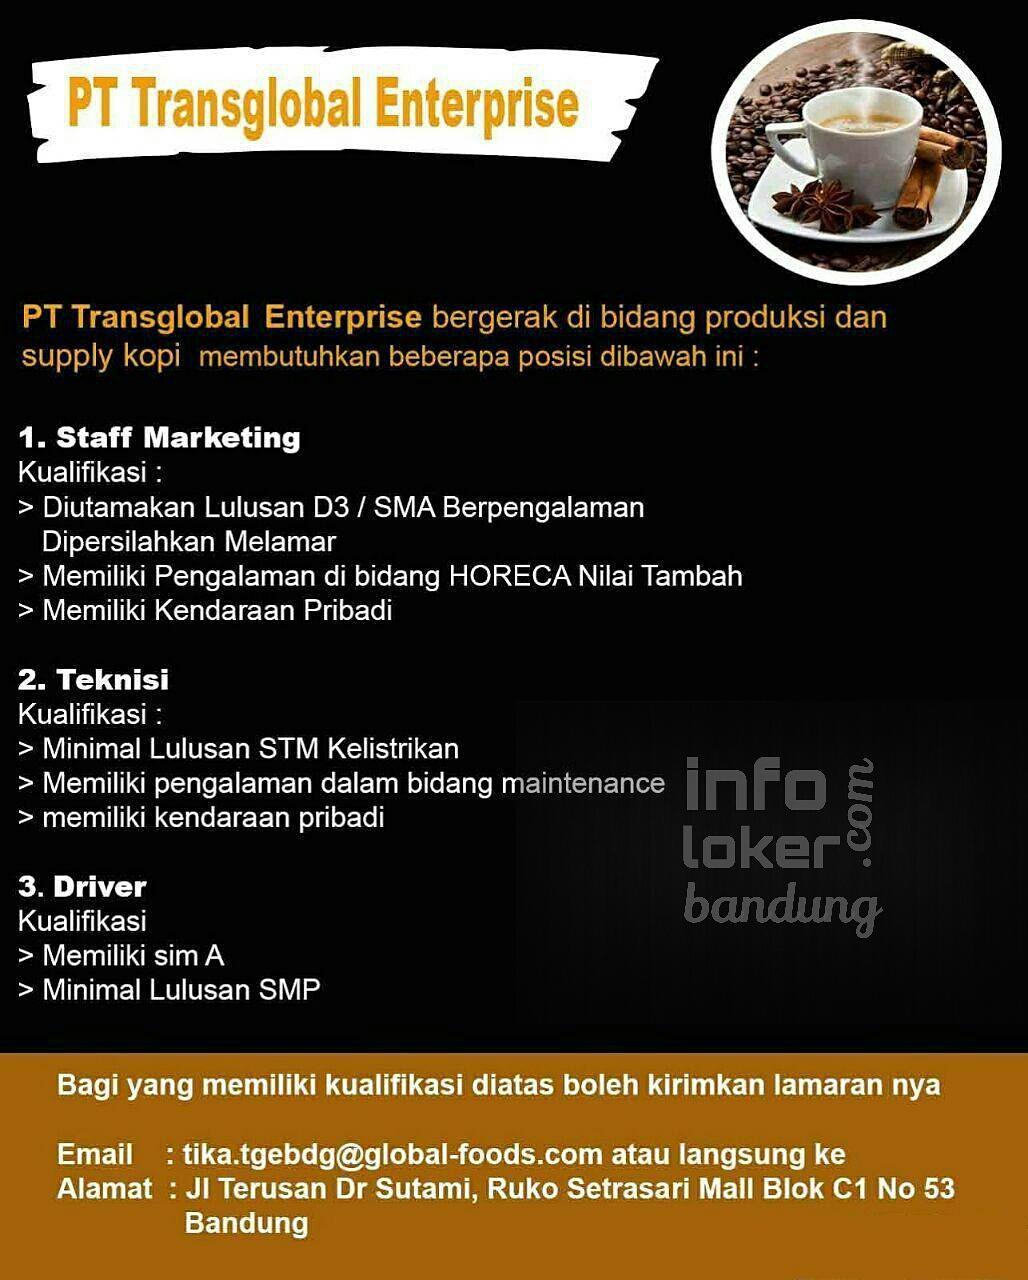 Lowongan Kerja PT Transglobal Enterprise Bandung Februari 2017